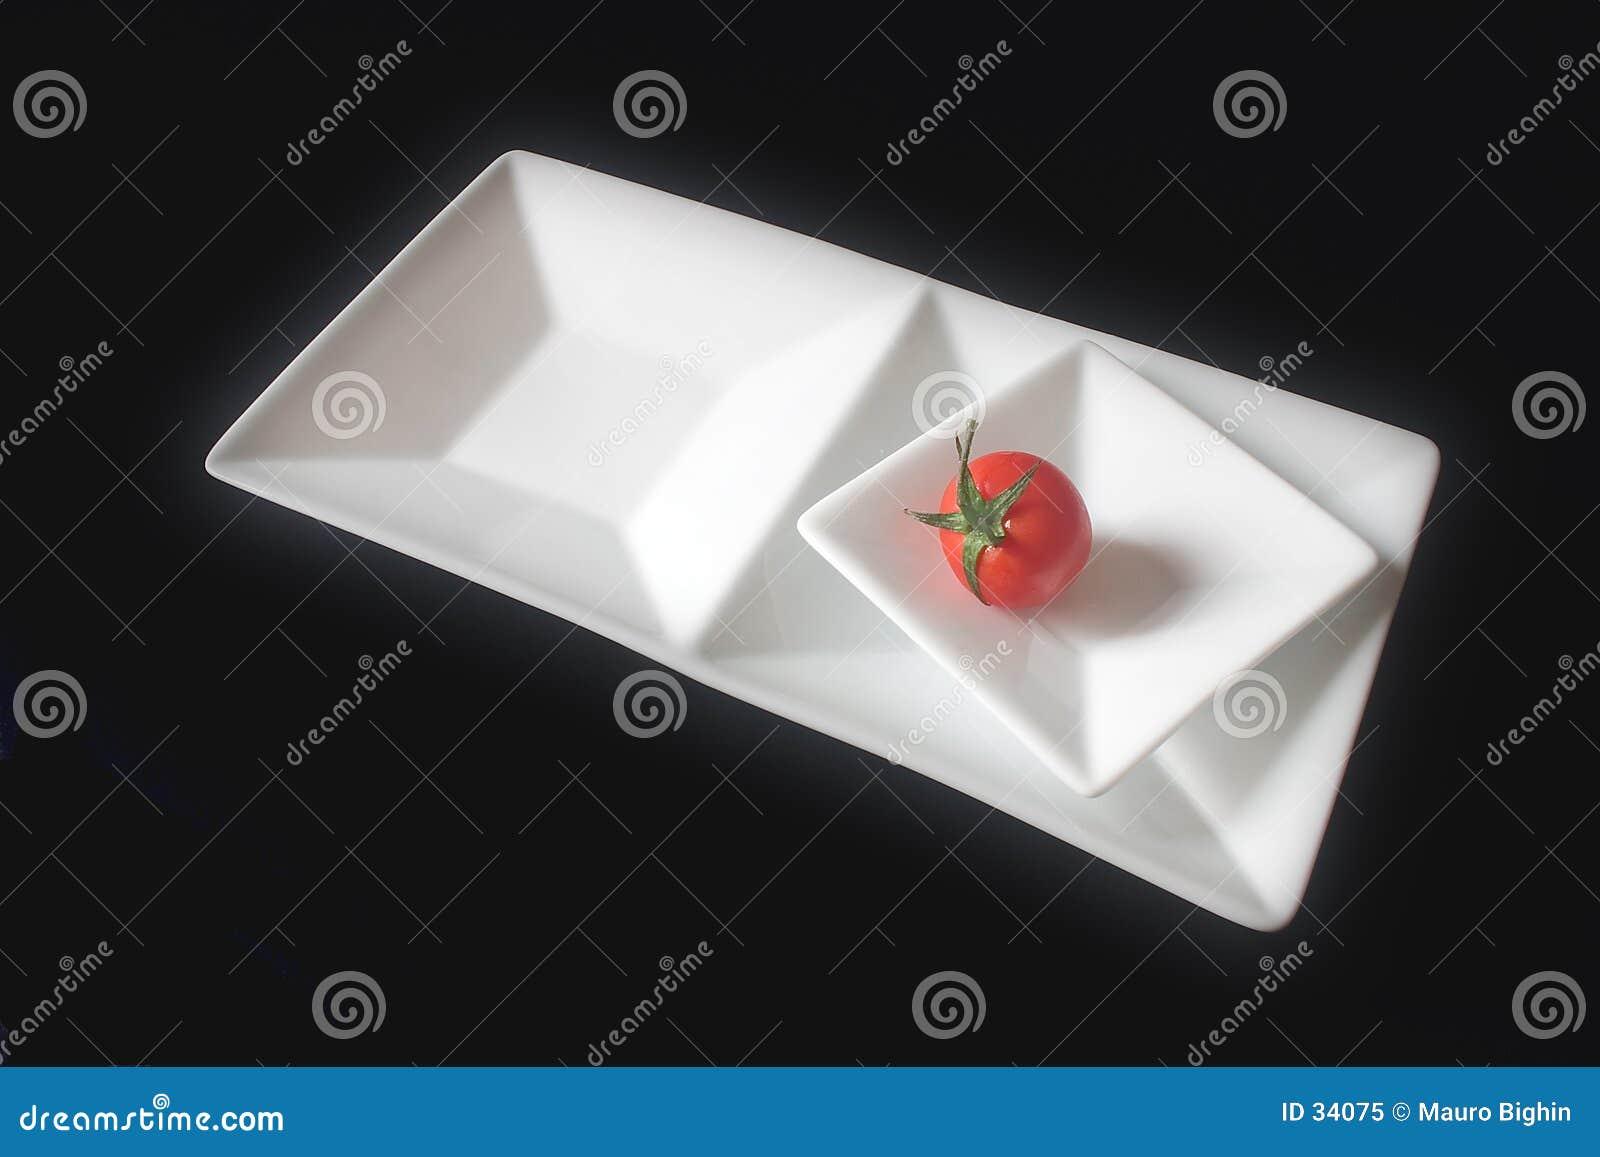 Tomate simple sur les paraboloïdes carrés